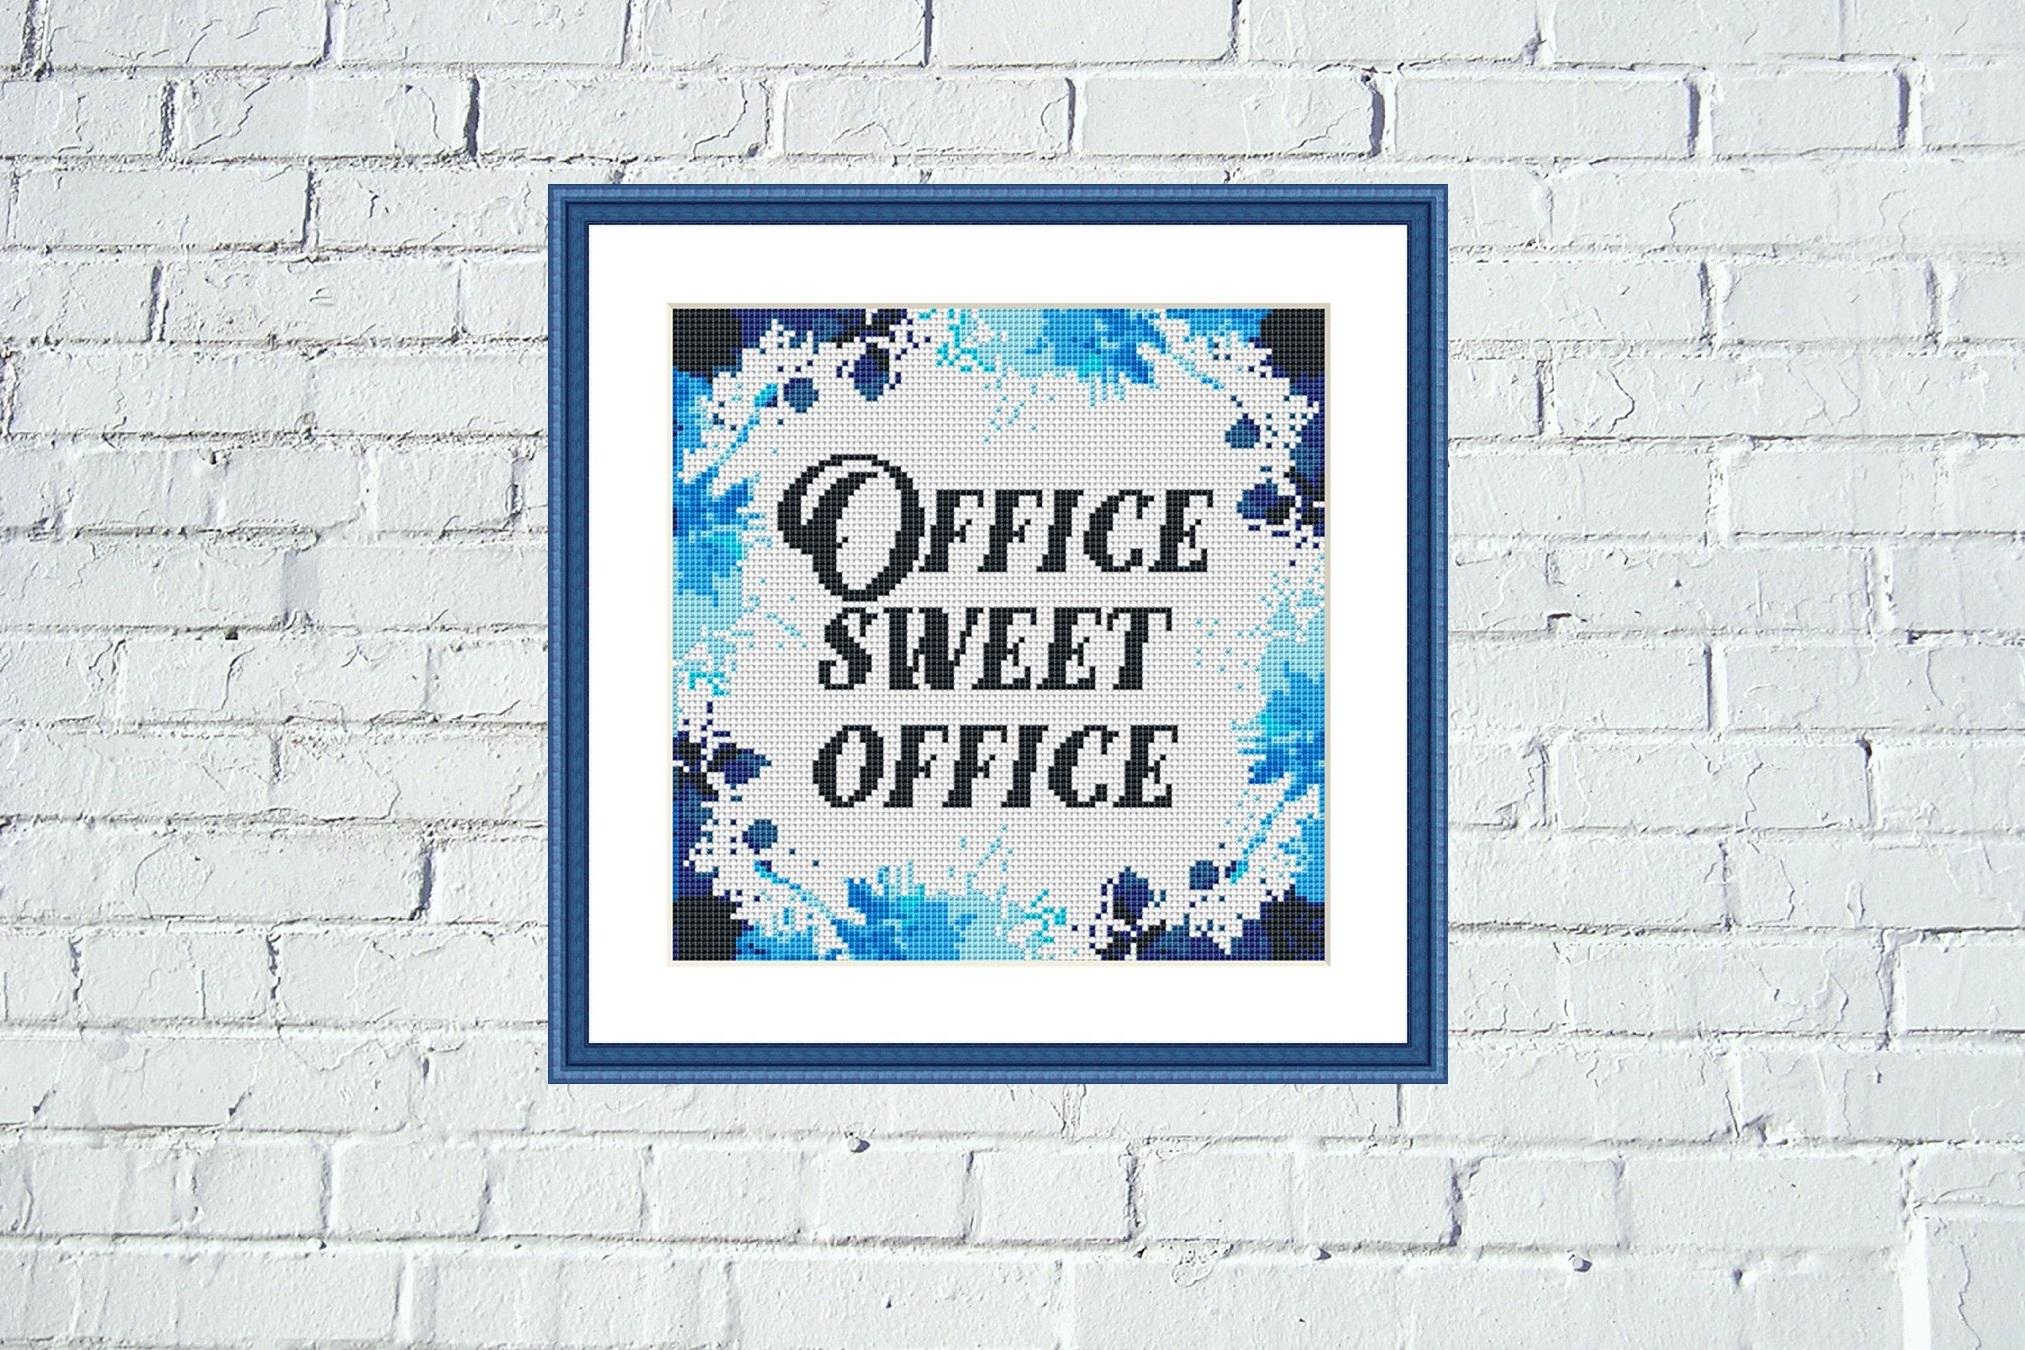 Office sweet office cross stitch